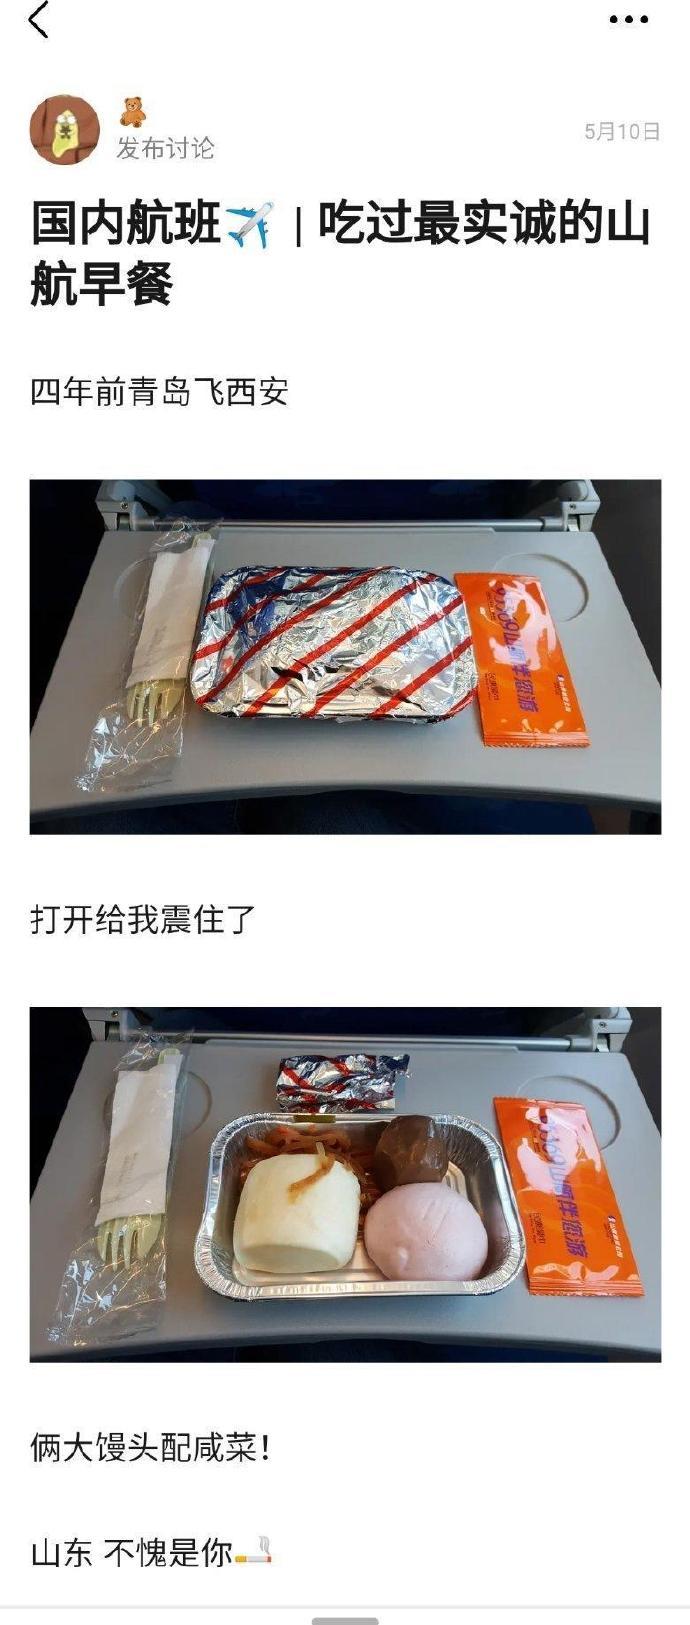 山东航空的飞机餐,不愧是山东